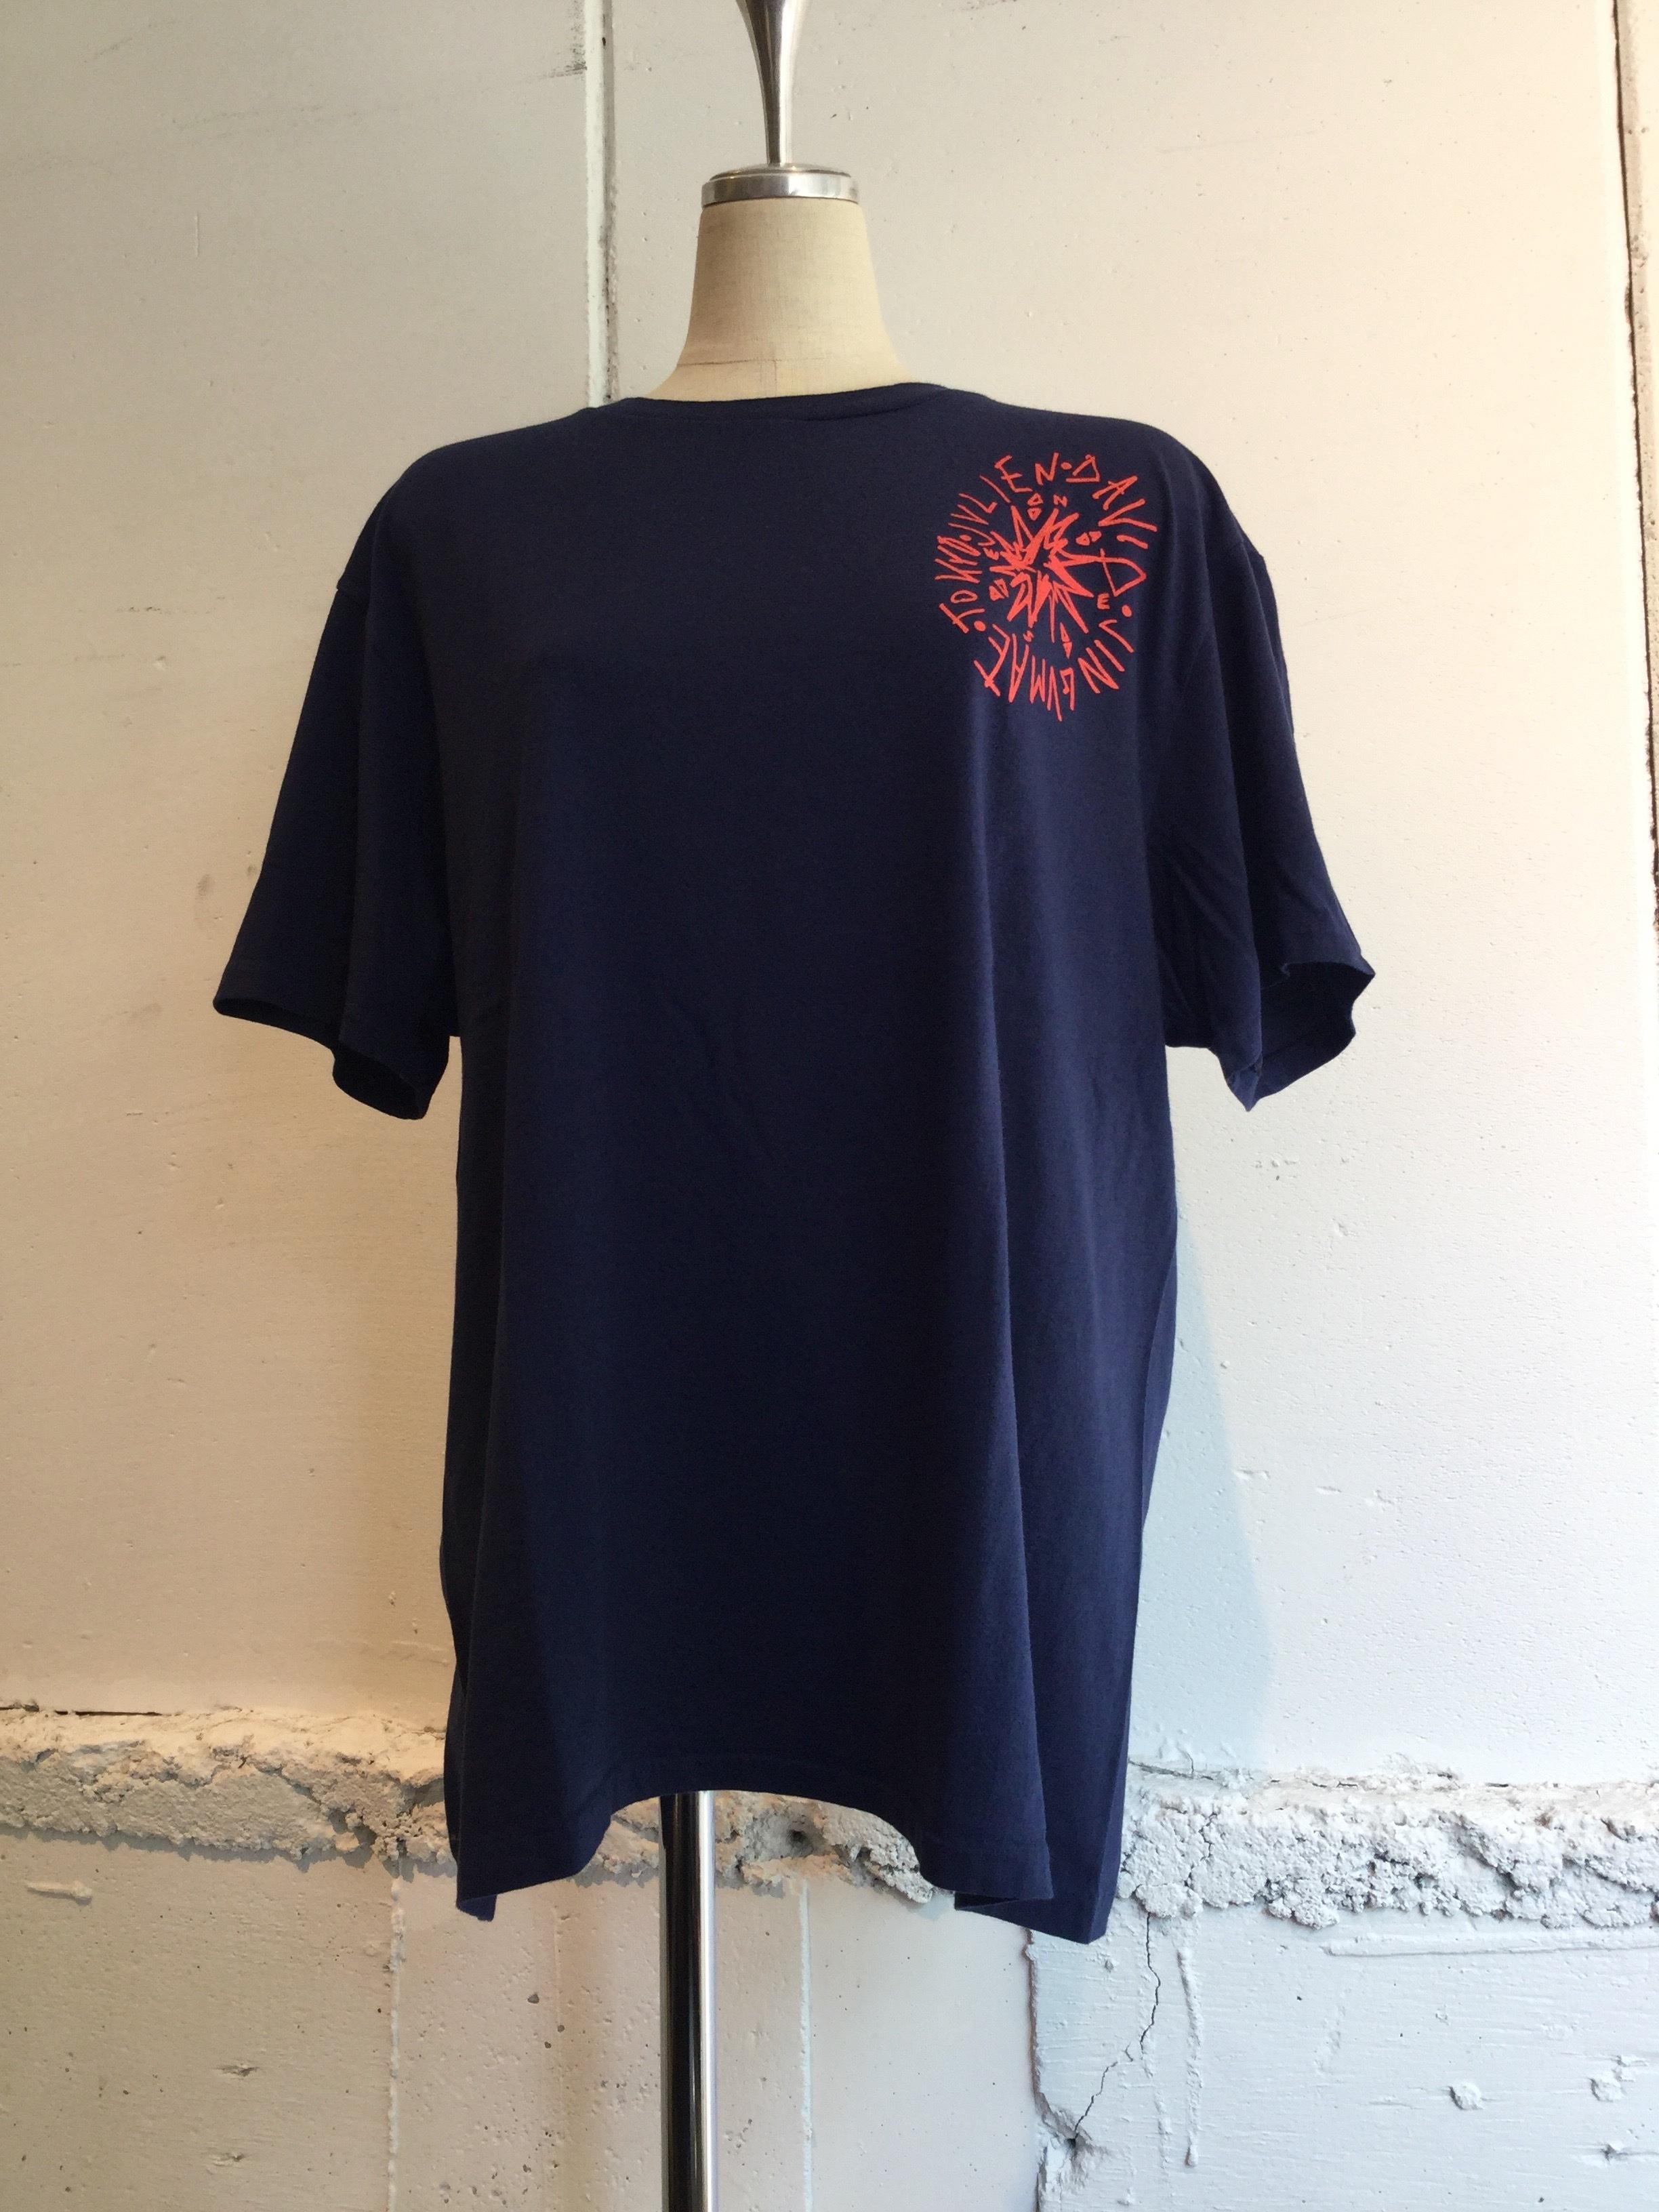 JULIEN DAVID Printed T-shirt COMPASS (BLUE)